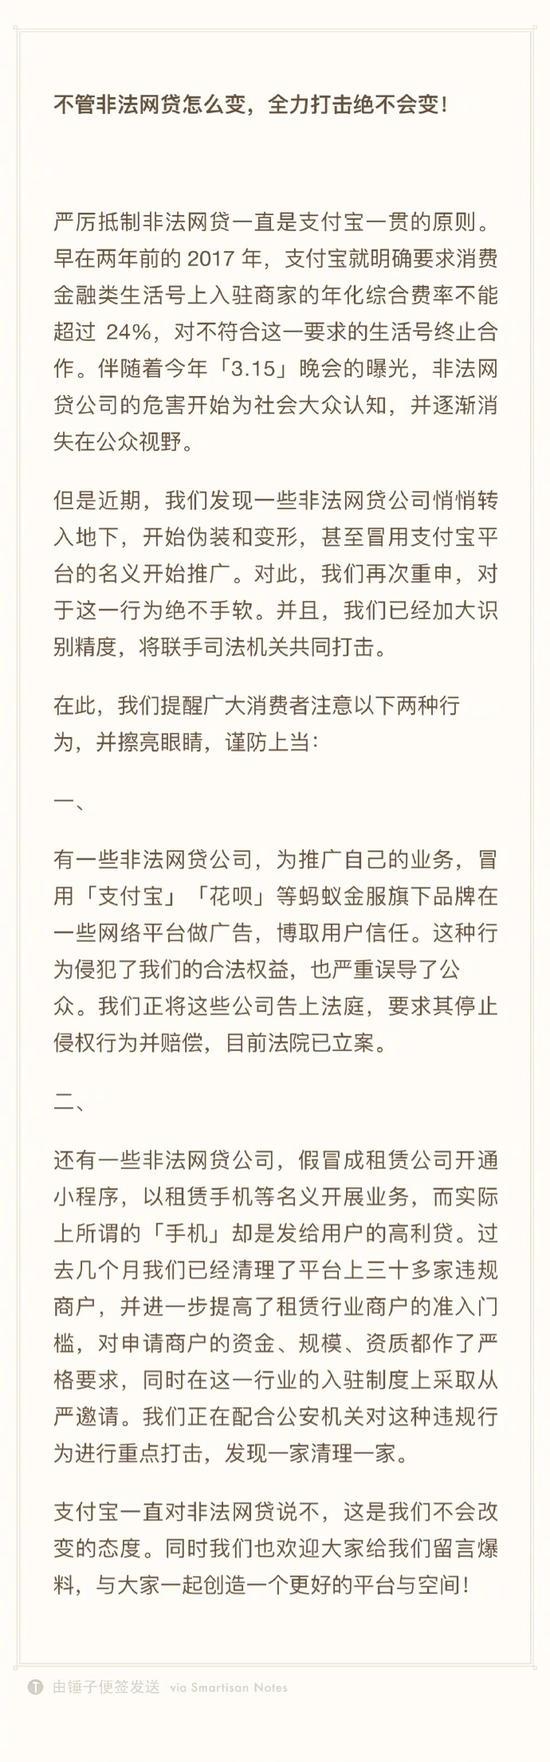 秦皇娱乐平台官网 东南亚媒体走进中山:在这里感到特别亲切